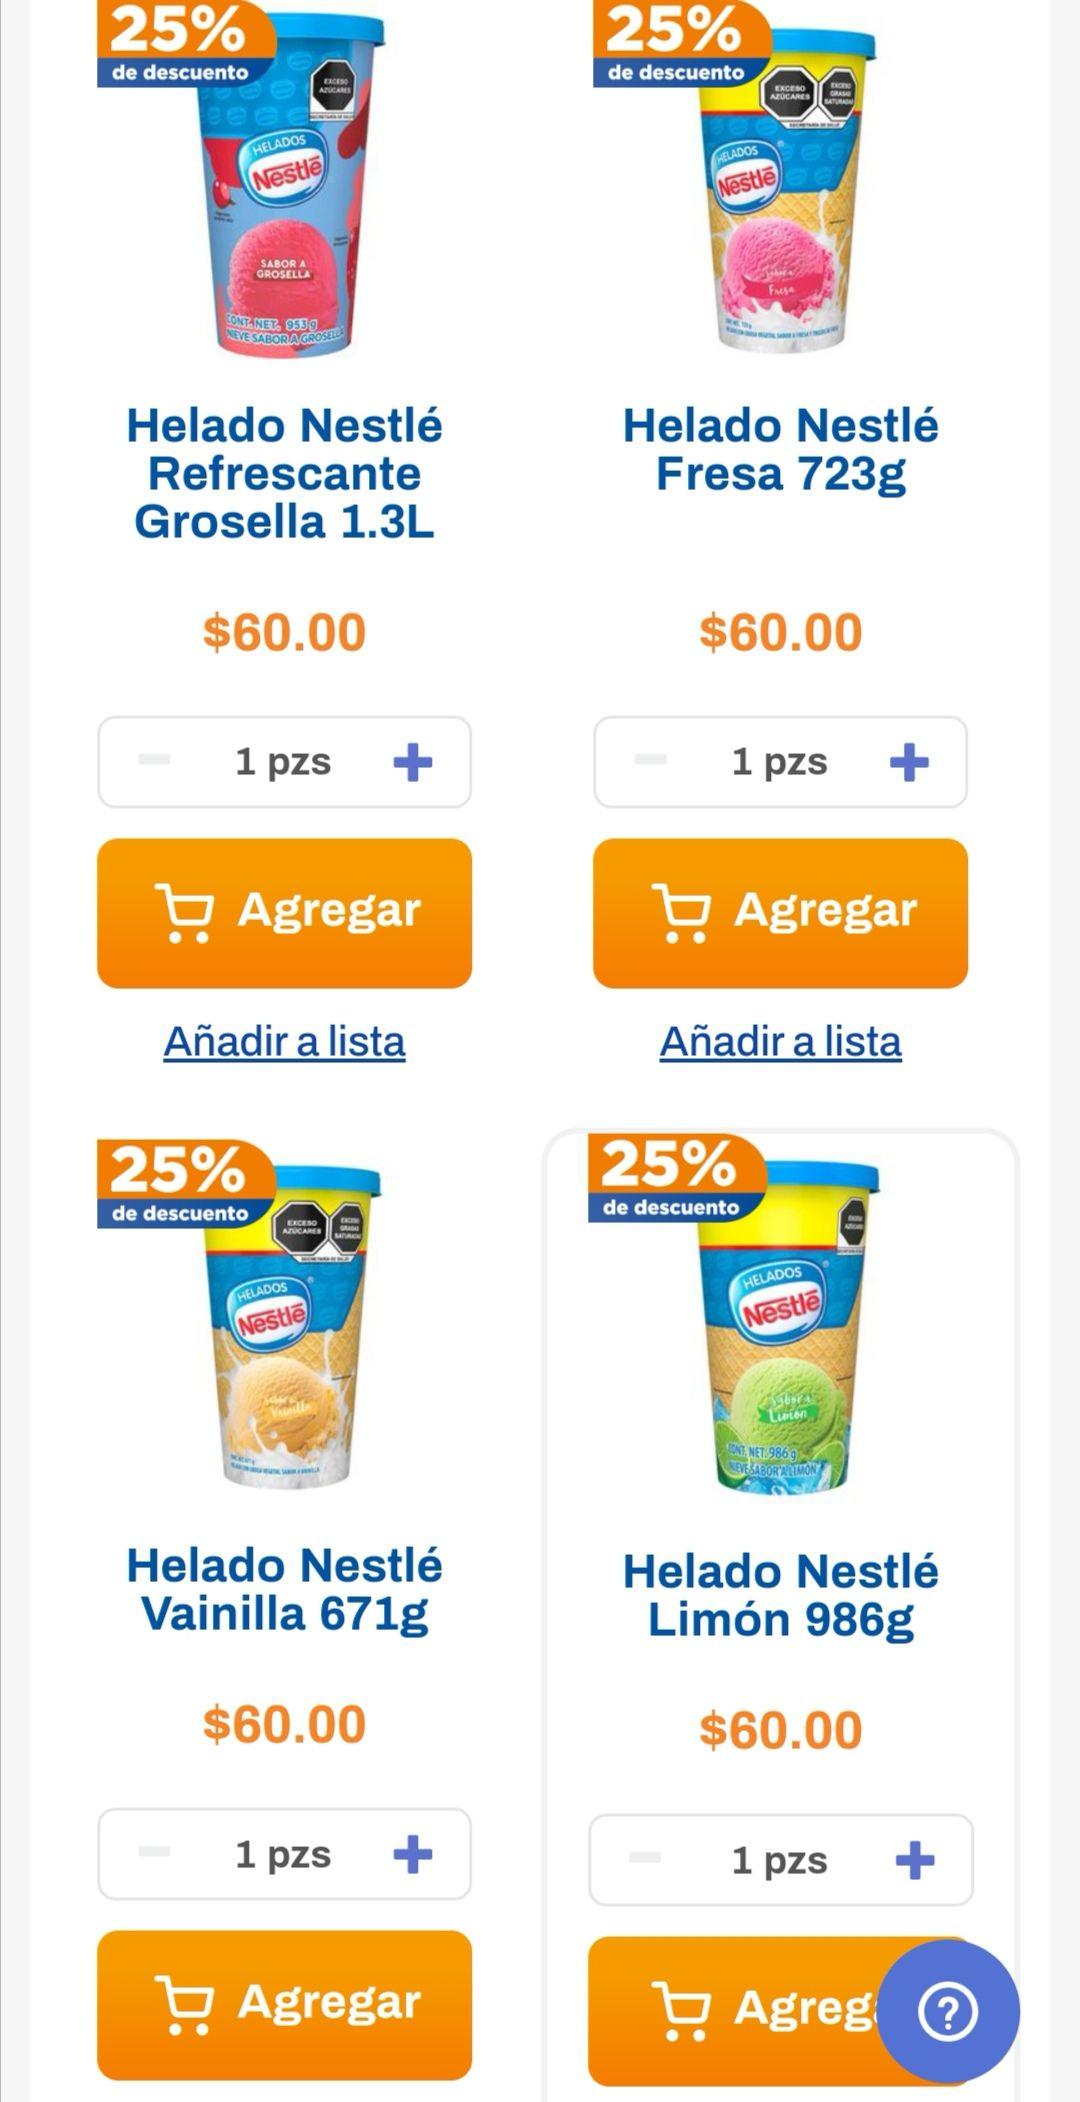 Chedraui: 25% de descuento por cada 2 piezas de Helado Nestlé 1.3 L